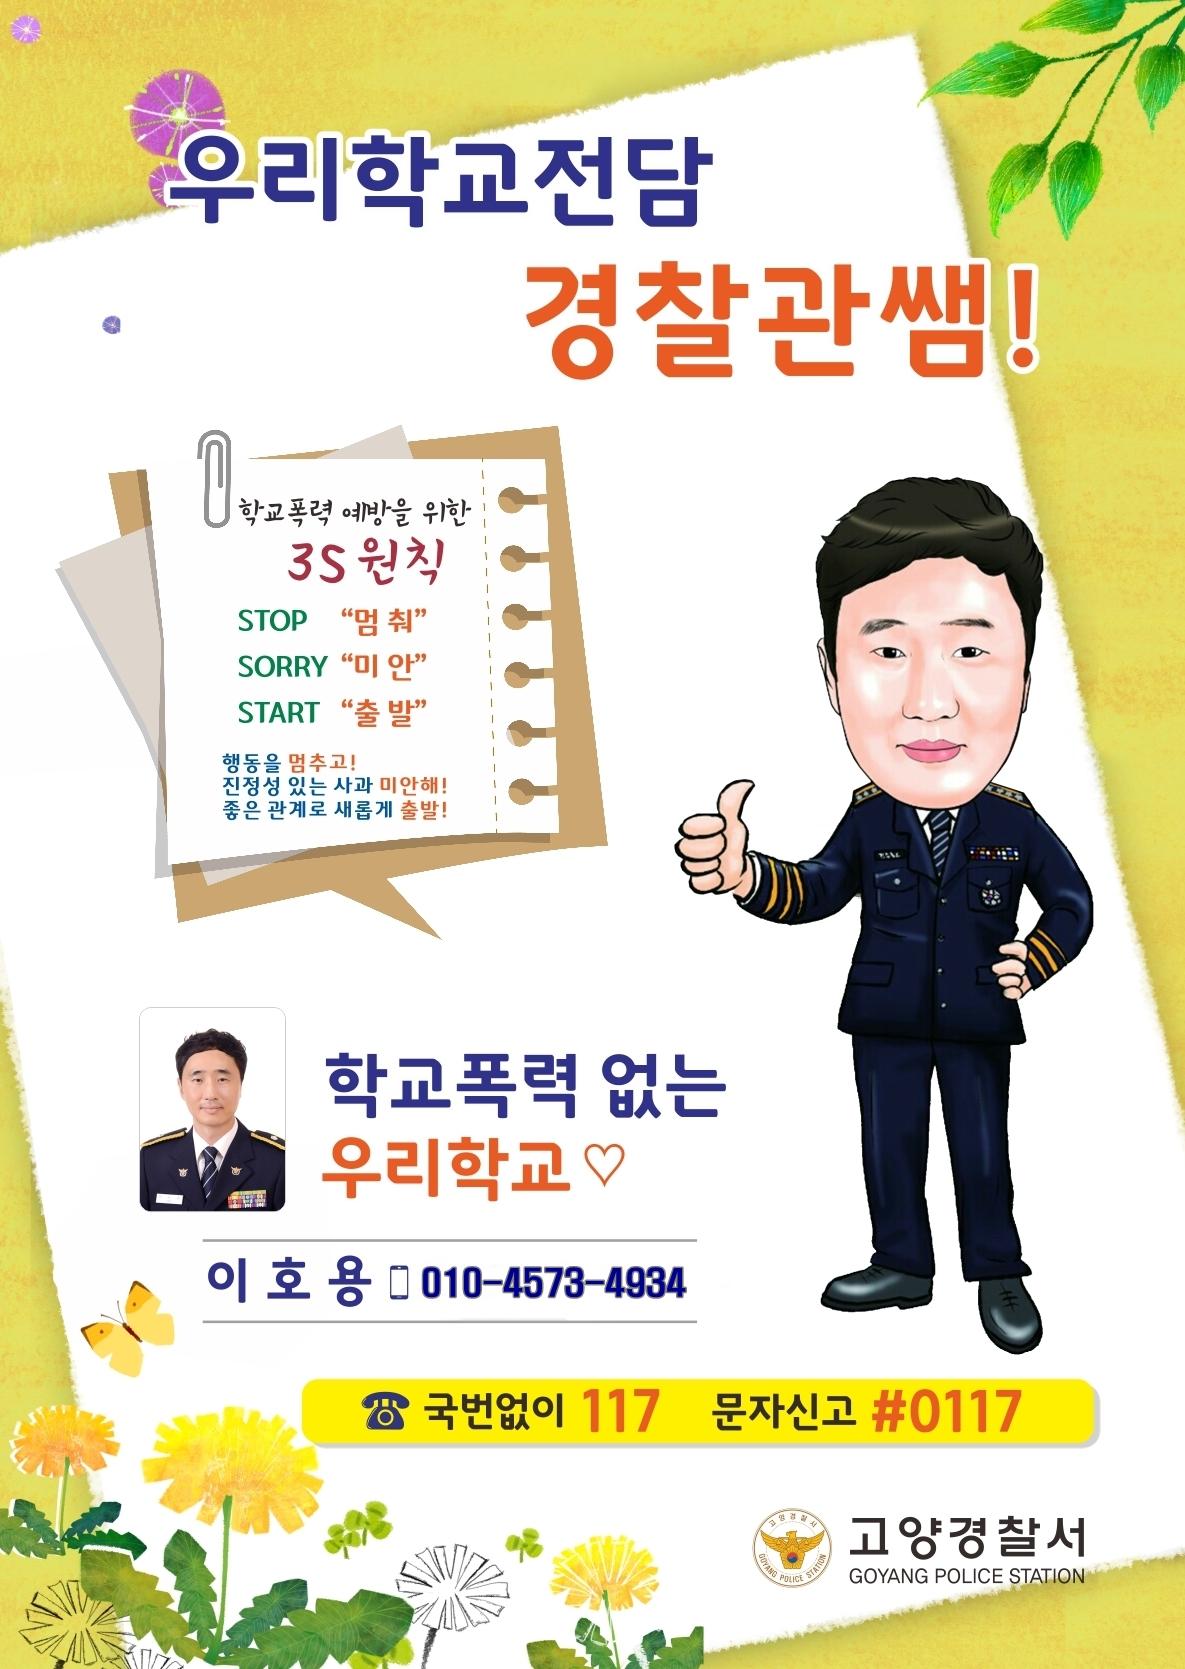 [일반] 2019 우리학교 전담경찰관의 첨부이미지 1